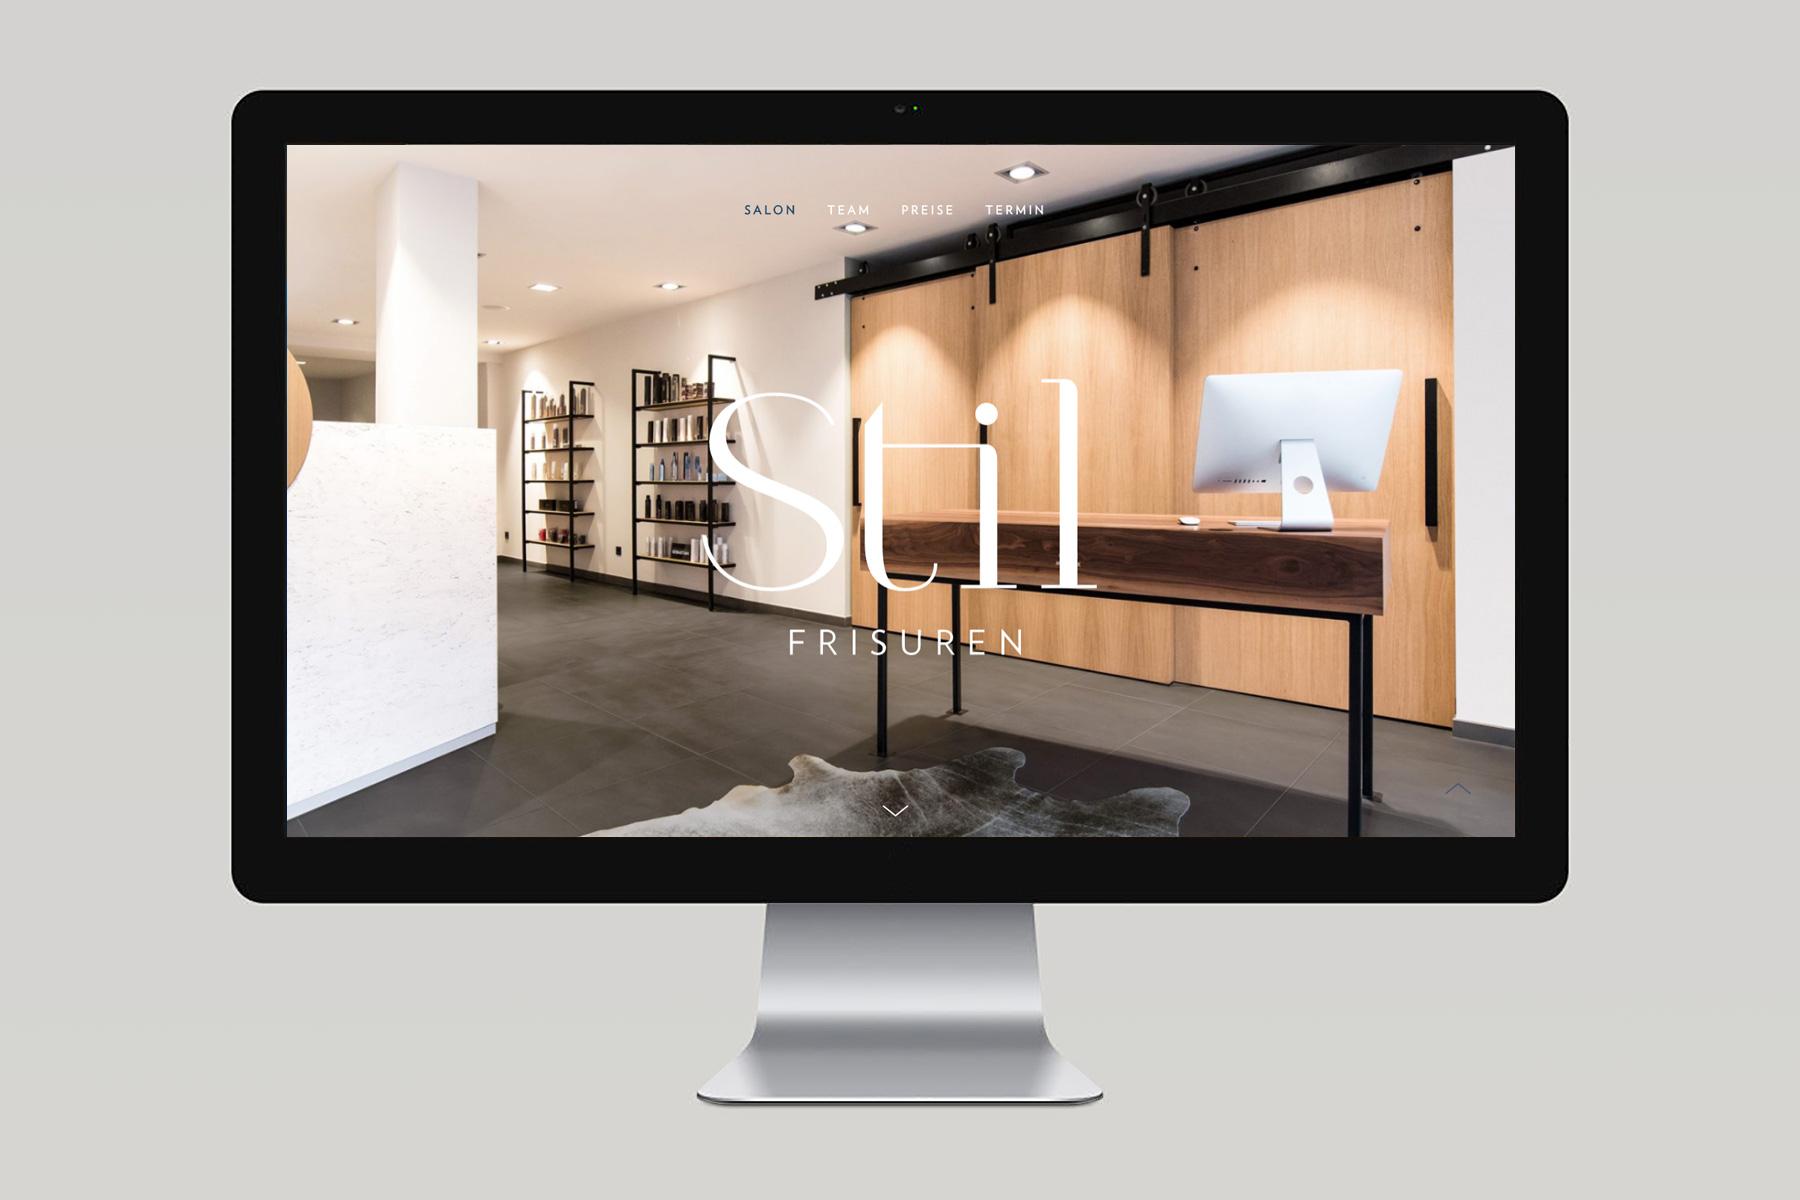 Büro Munk BerlinStil Frisuren - Corporate Design und Webdesign für ...